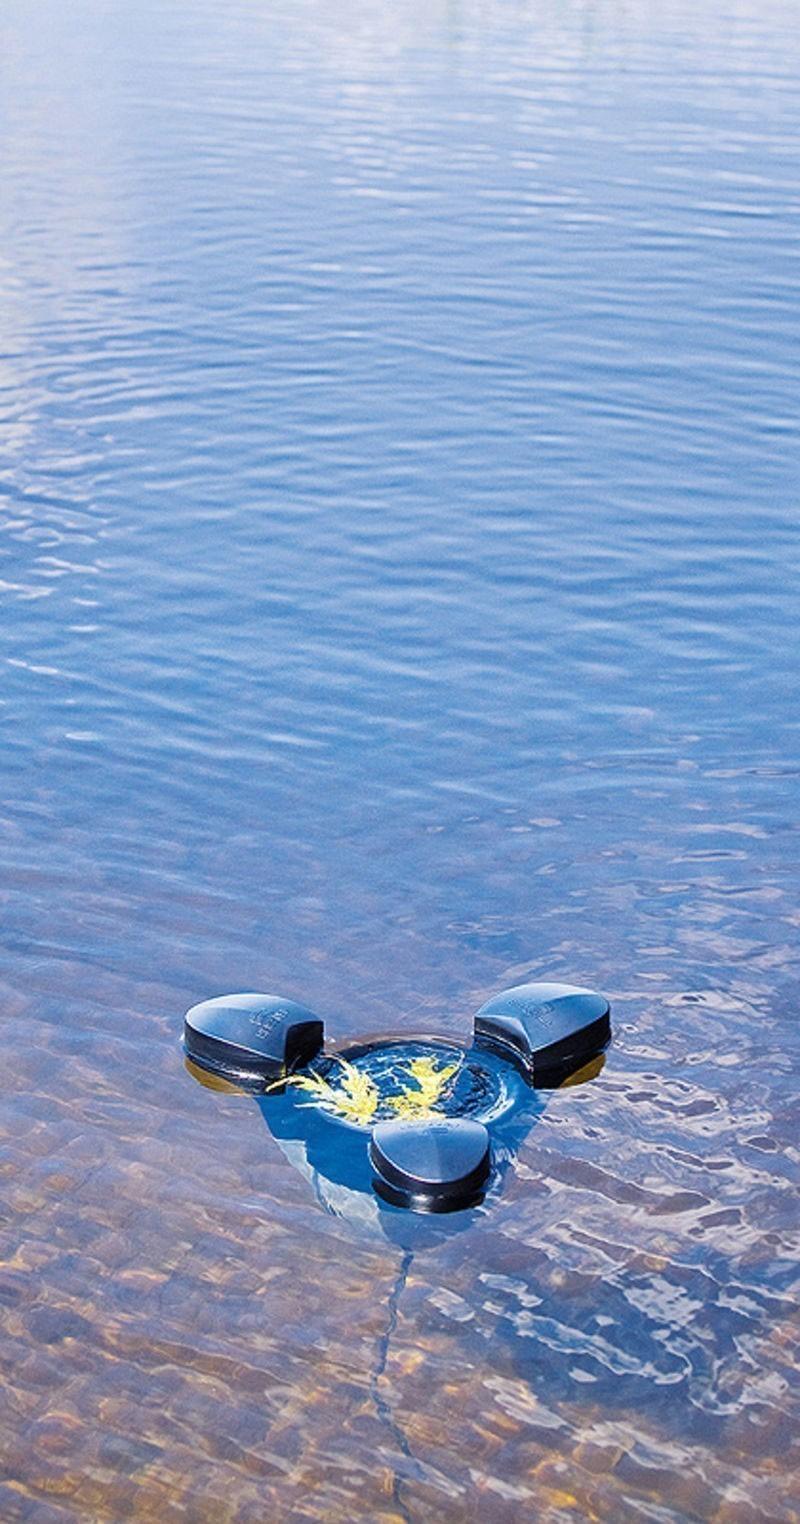 Teichskimmer Heissner Oberflächenreiniger schwimmend F540-00 Bild 3